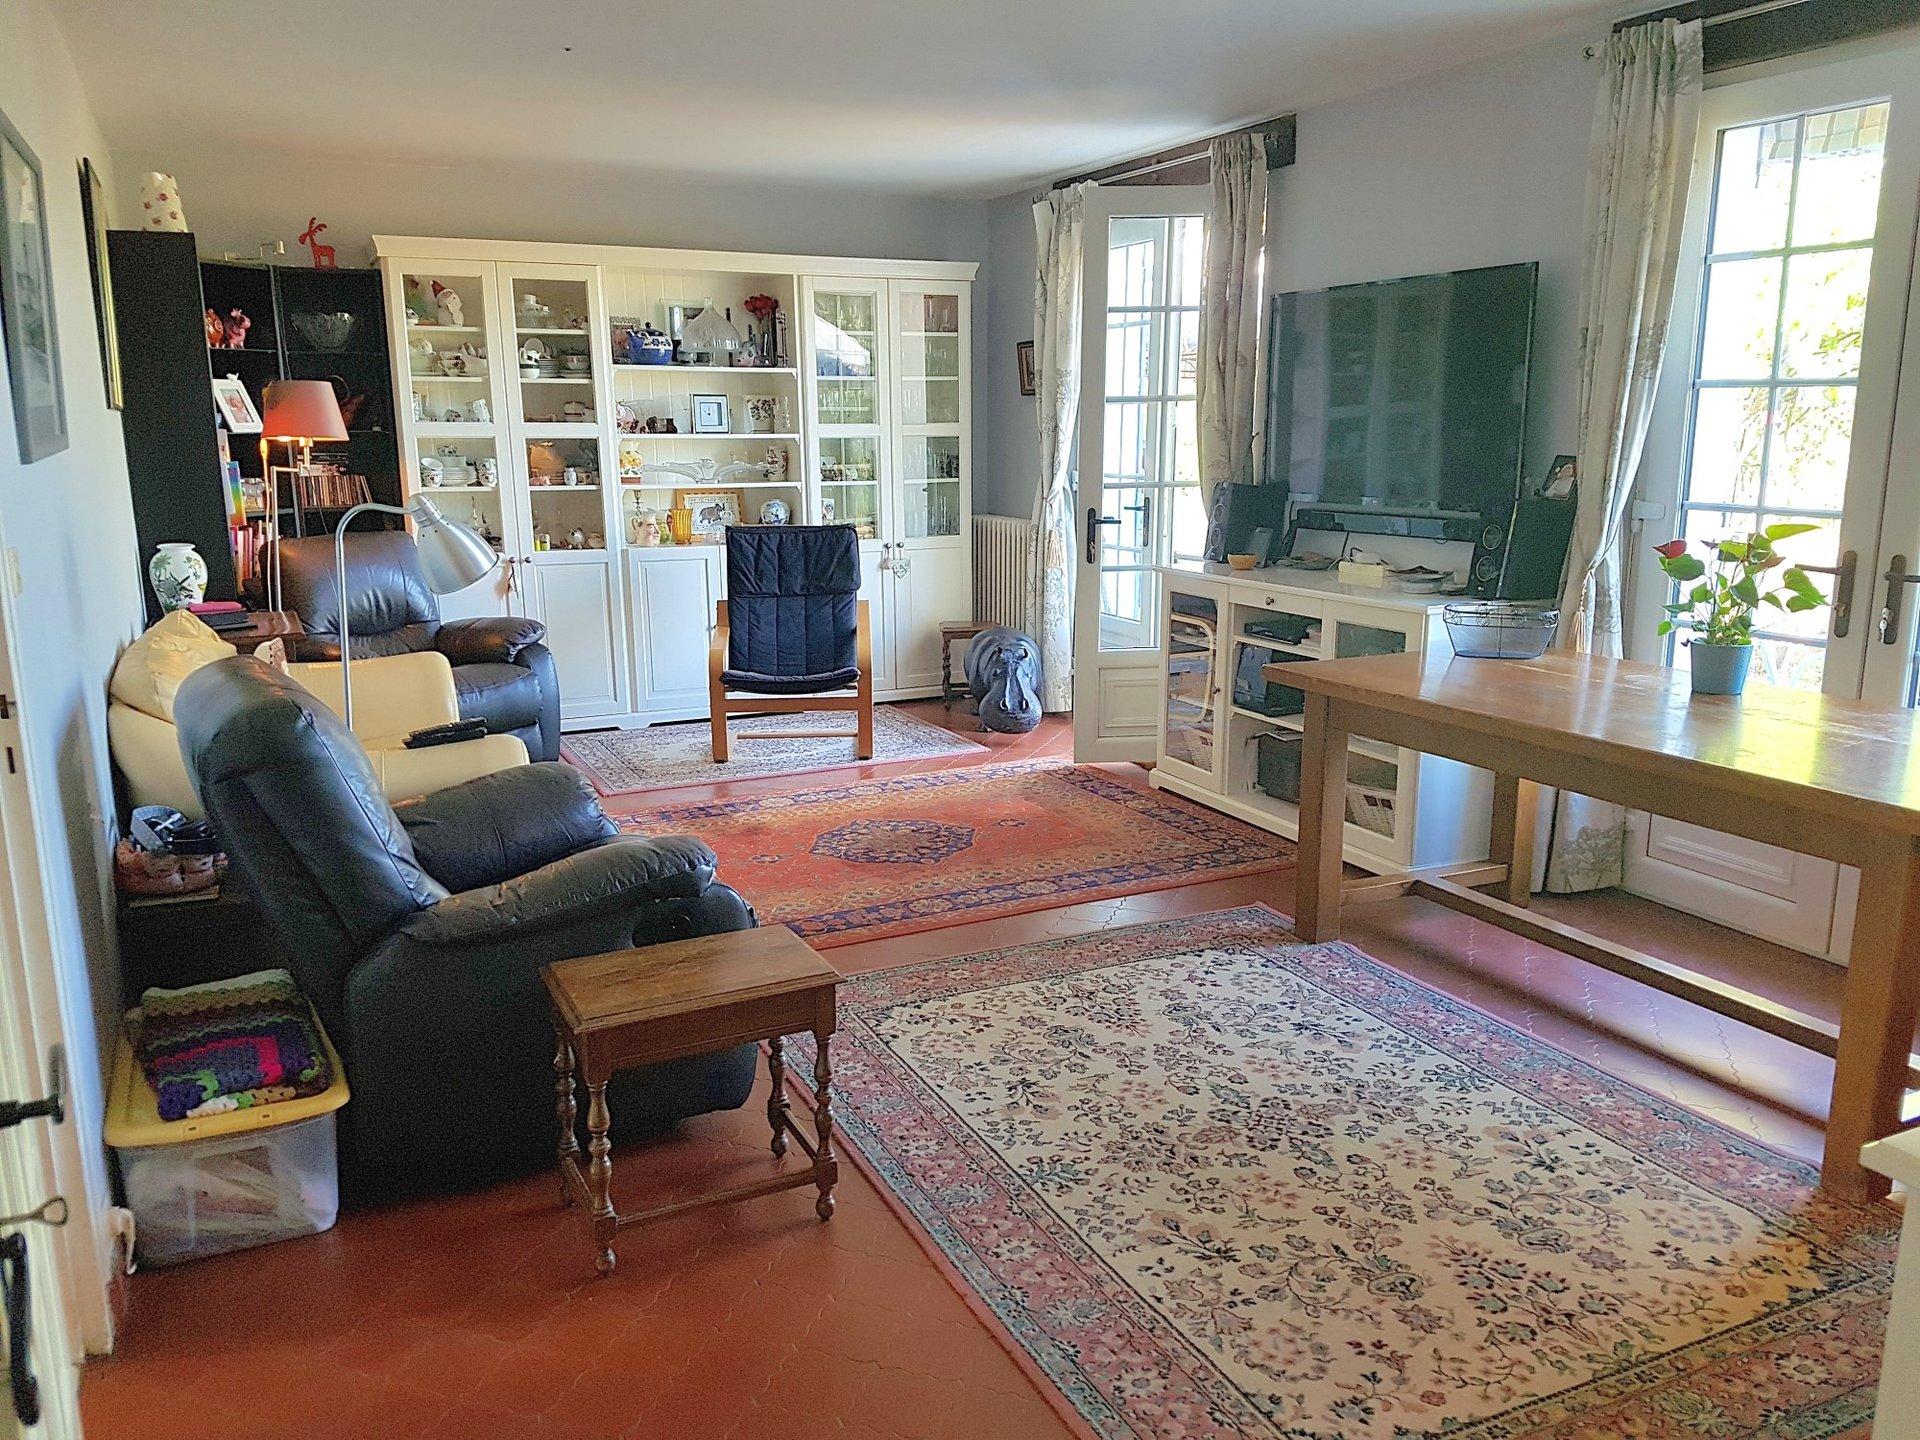 La Brenne, Indre 36: maison de plein pied avec jardin/pré